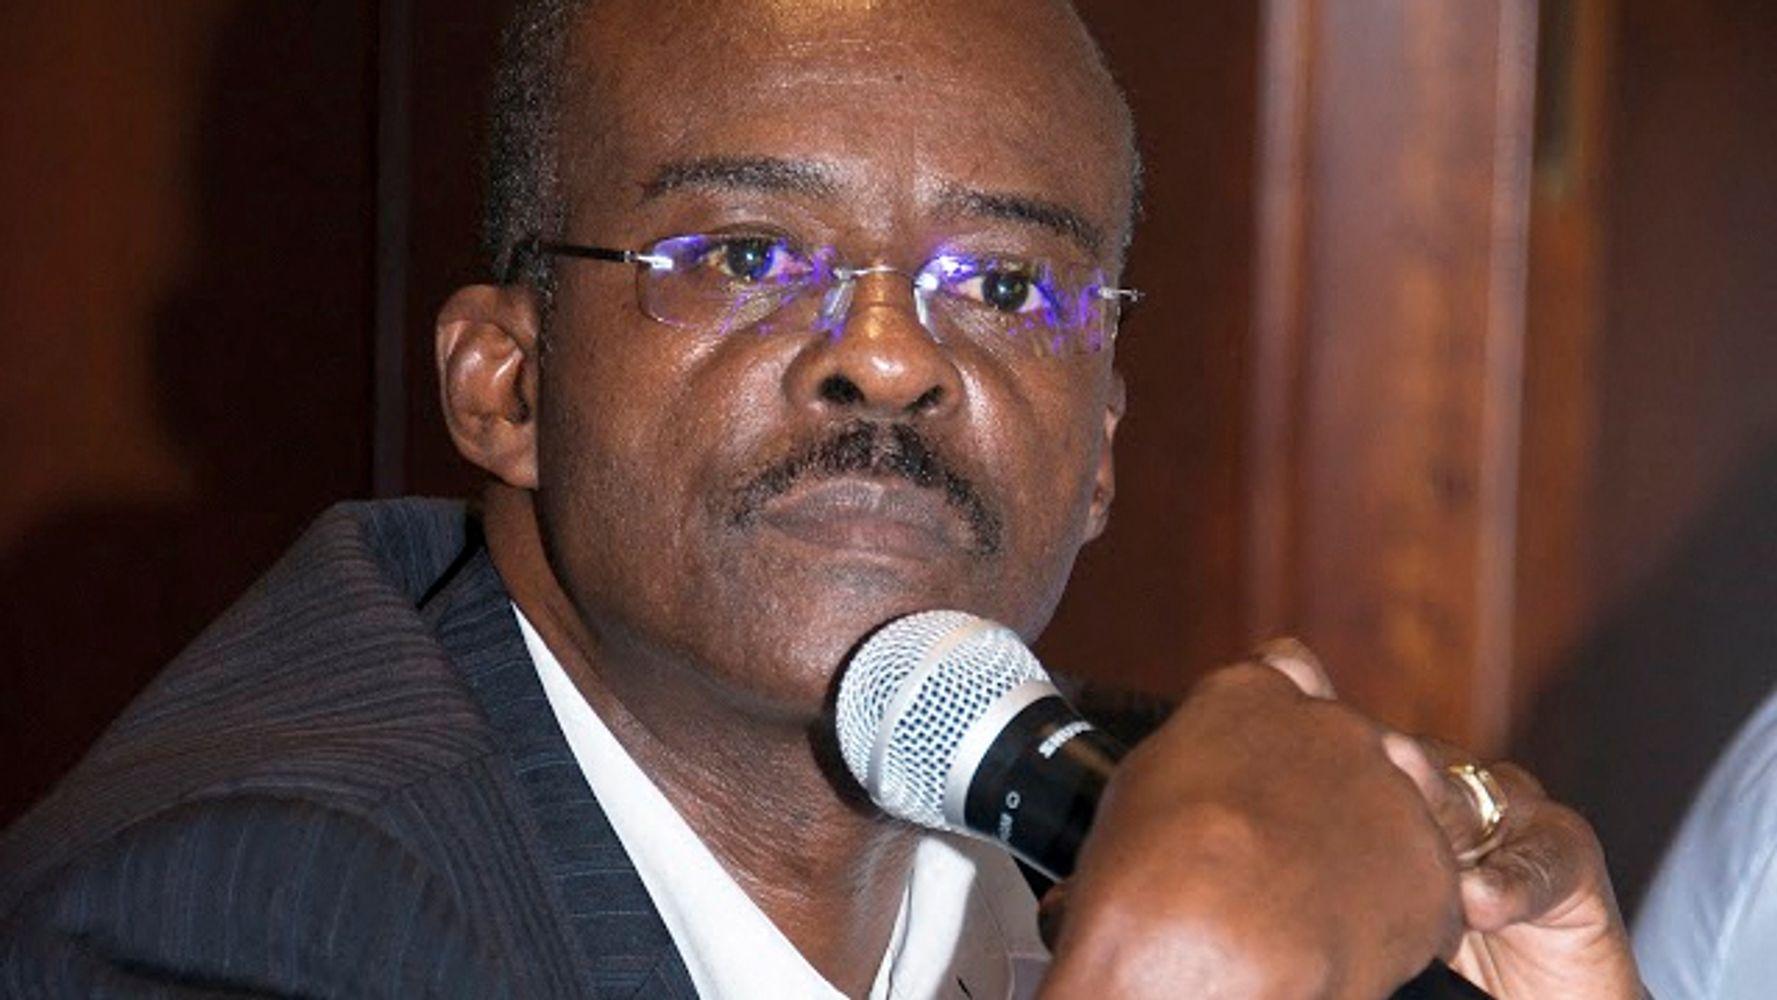 Ary Chalus, président LREM de la région Guadeloupe, a passé plus de 30 heures en garde à vue